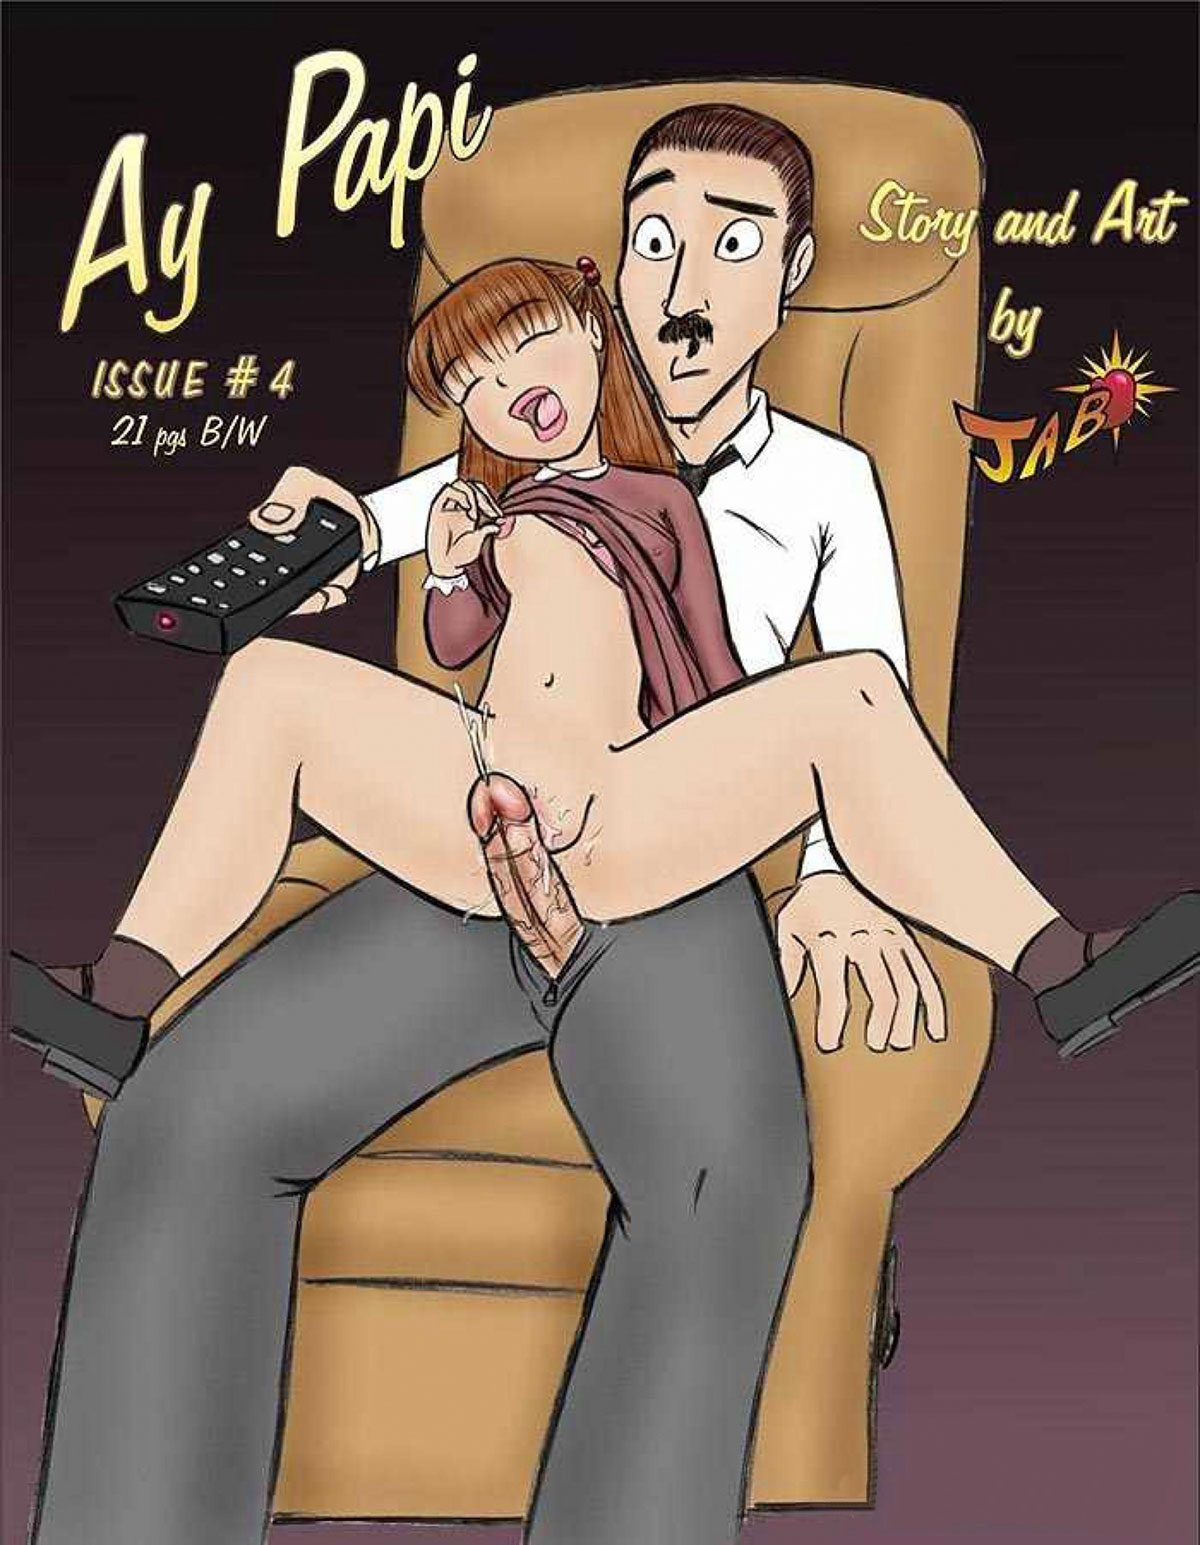 Jab comic Ay Papi 4